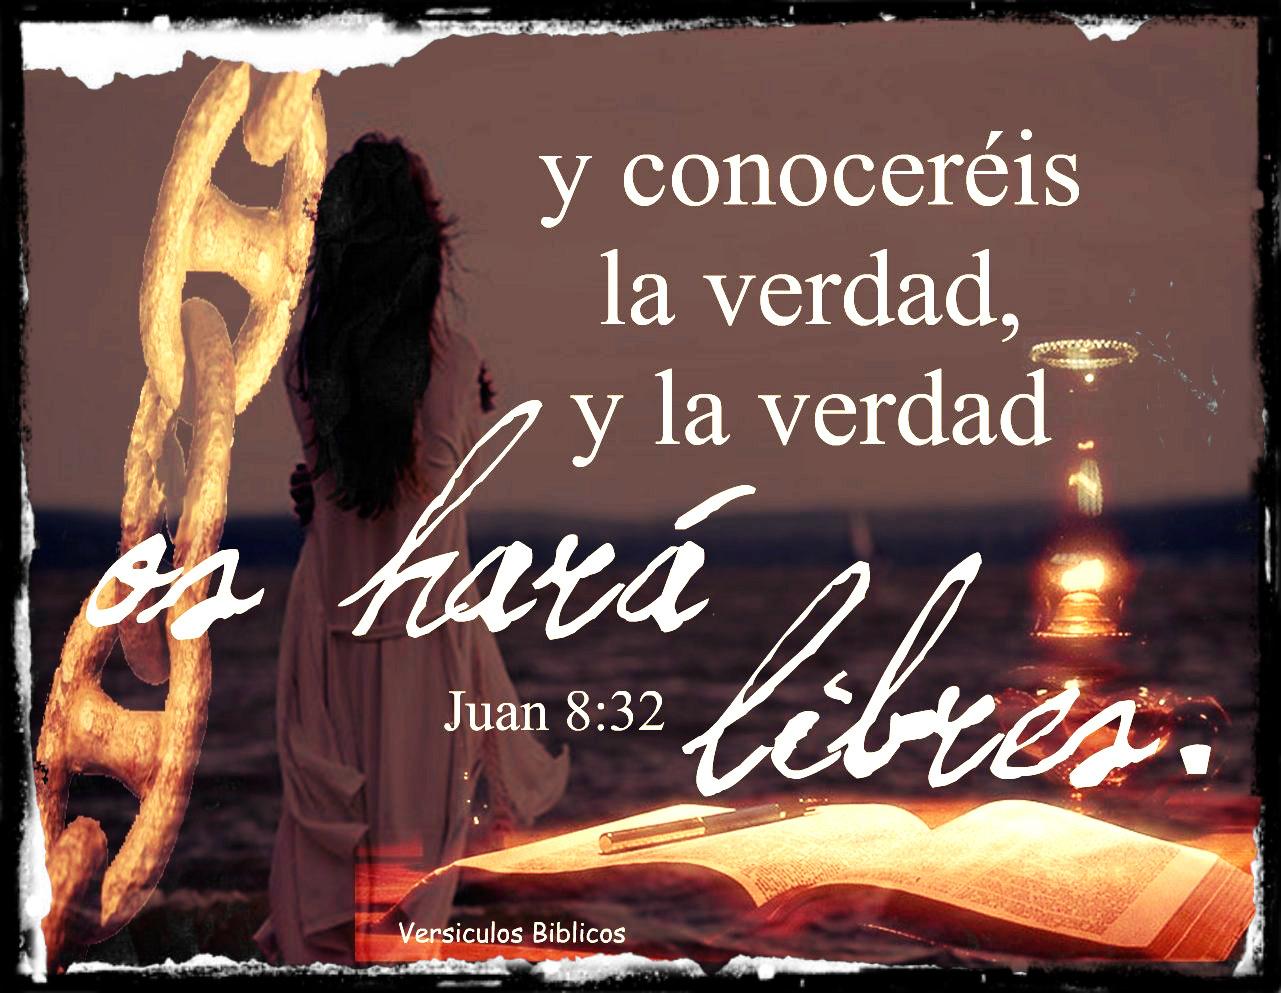 4 de julio: Versículos de la Biblia en imágenes para compartir